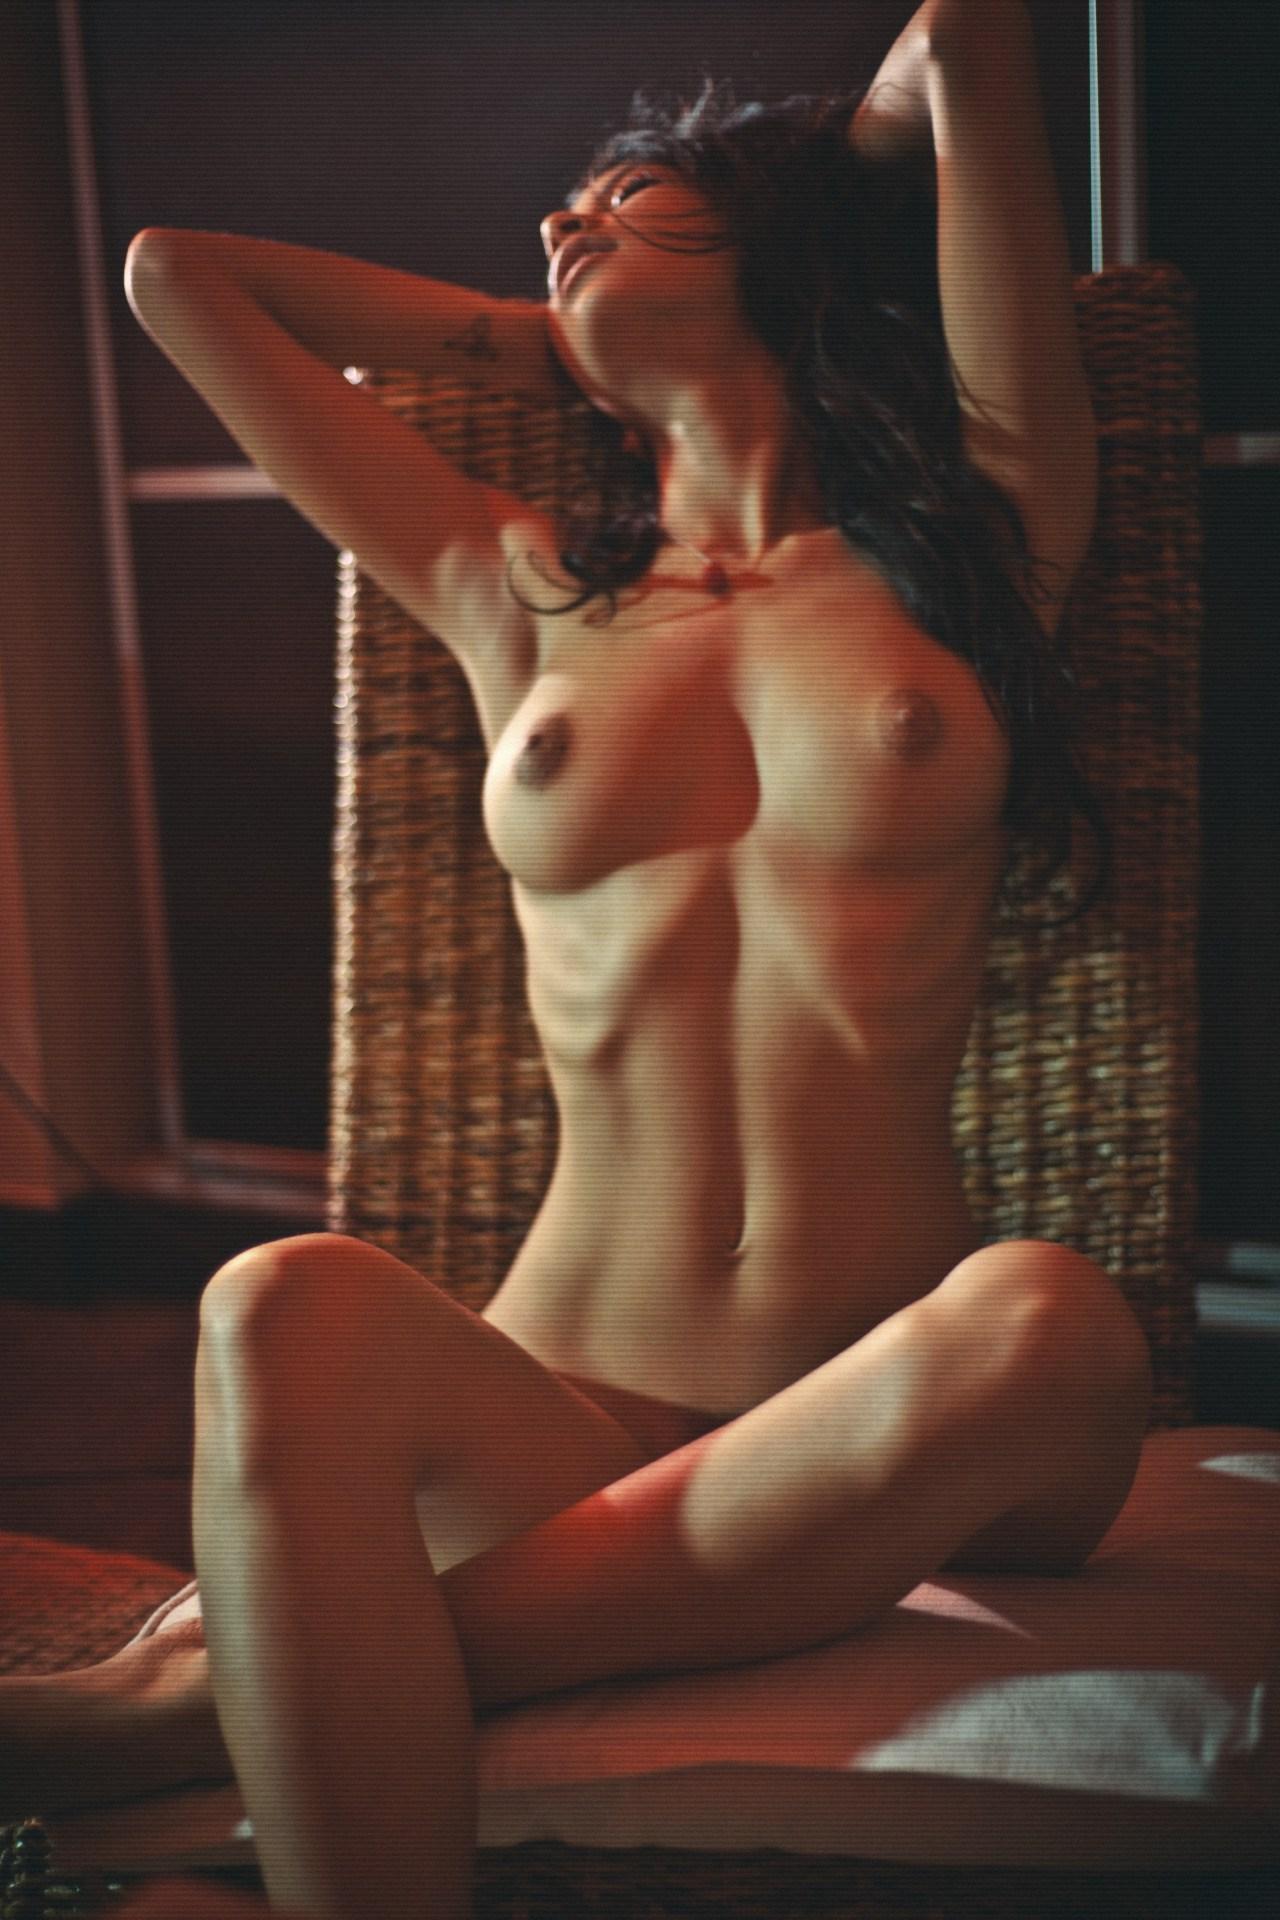 tweens proud to be nude